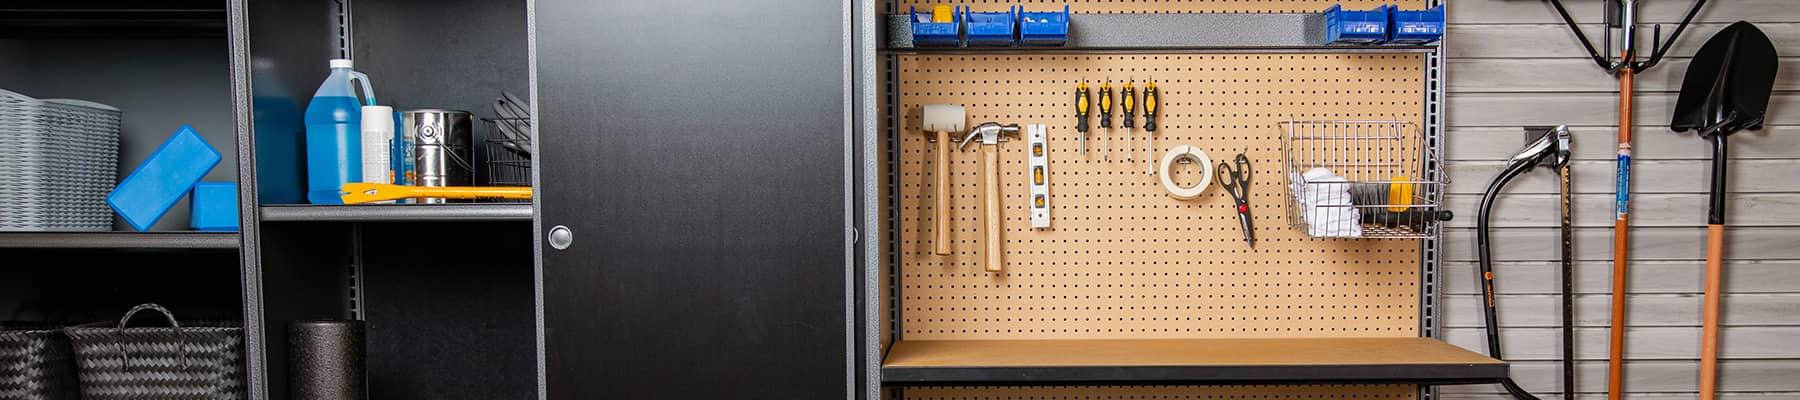 Garage slot wall